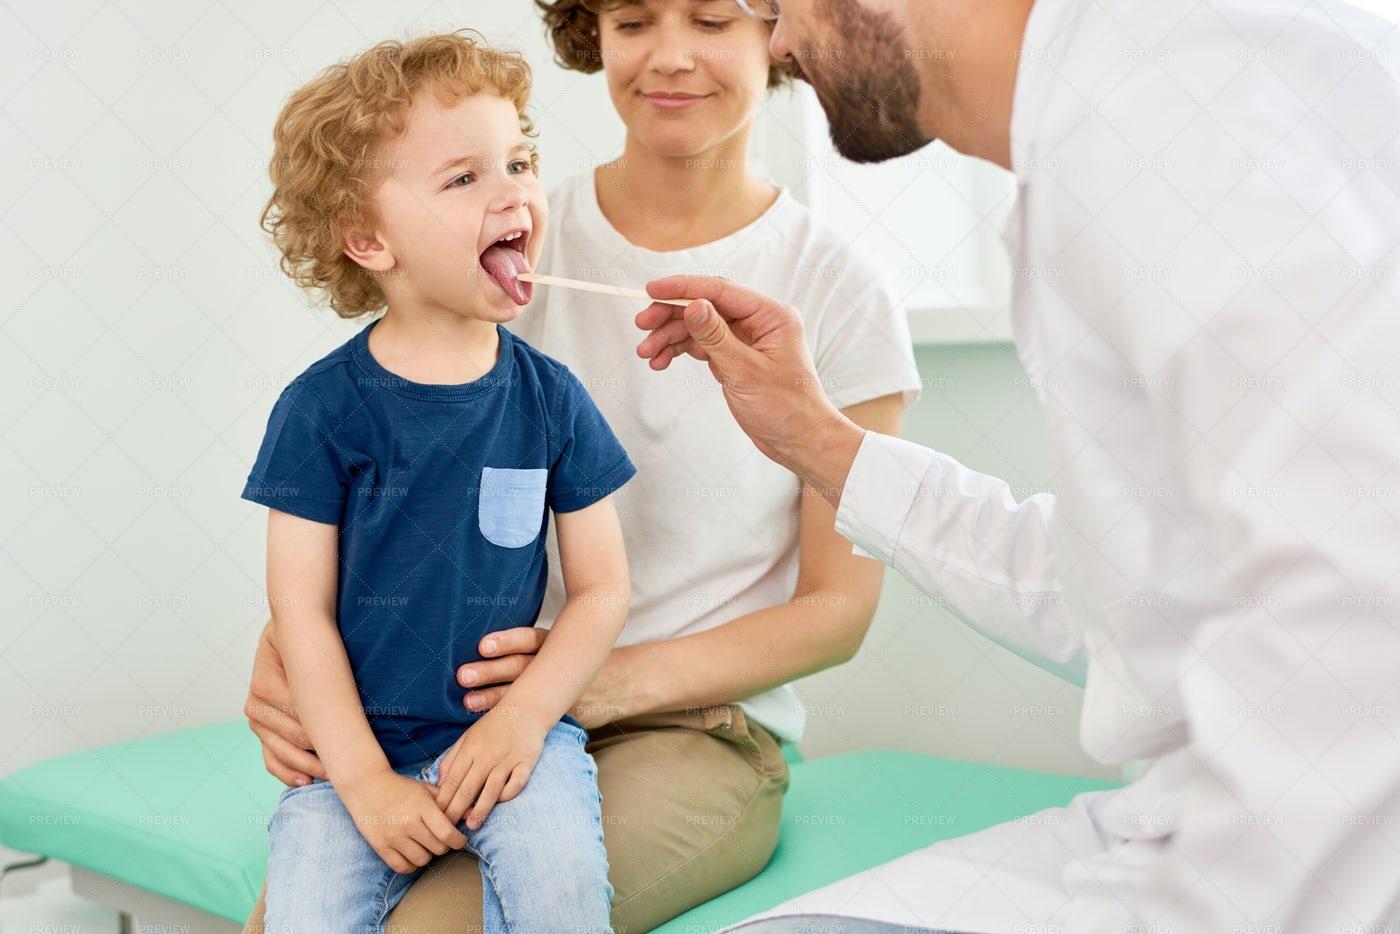 Little Boy Visiting Pediatrician: Stock Photos